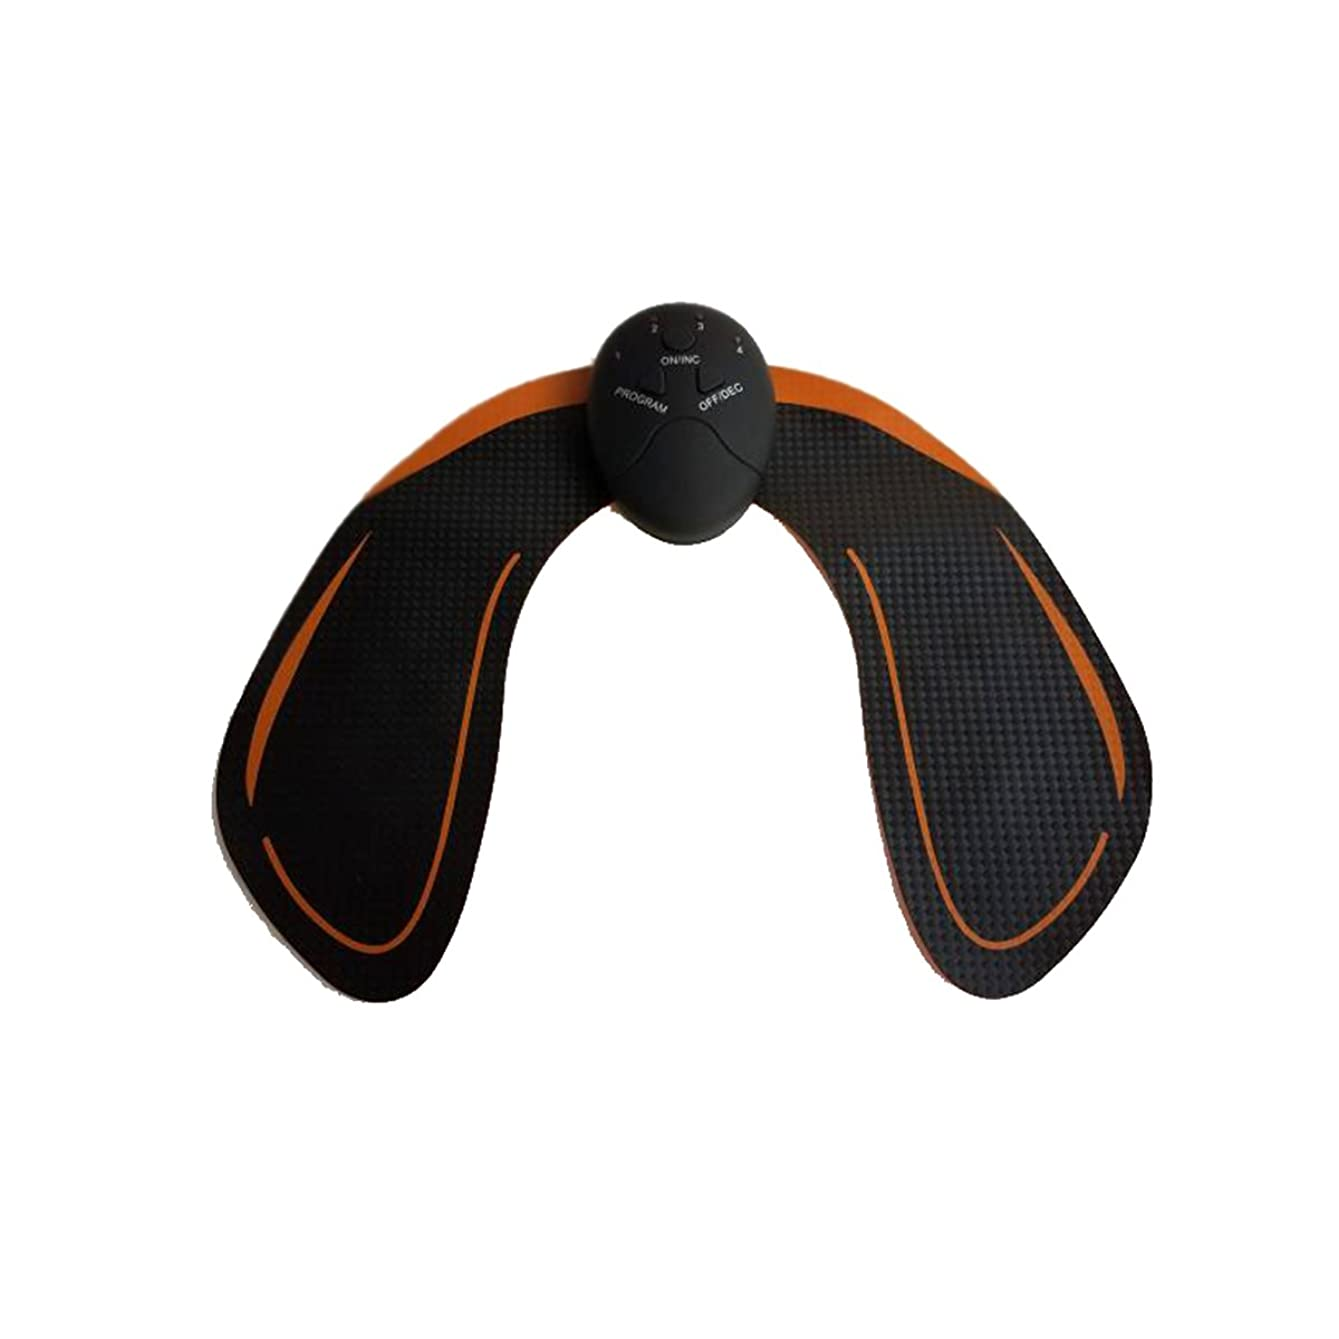 準備するピストル放散するSUPVOX 電池式ボディ美容機器を持ち上げるお尻のヒップトレーナー(ブラック)